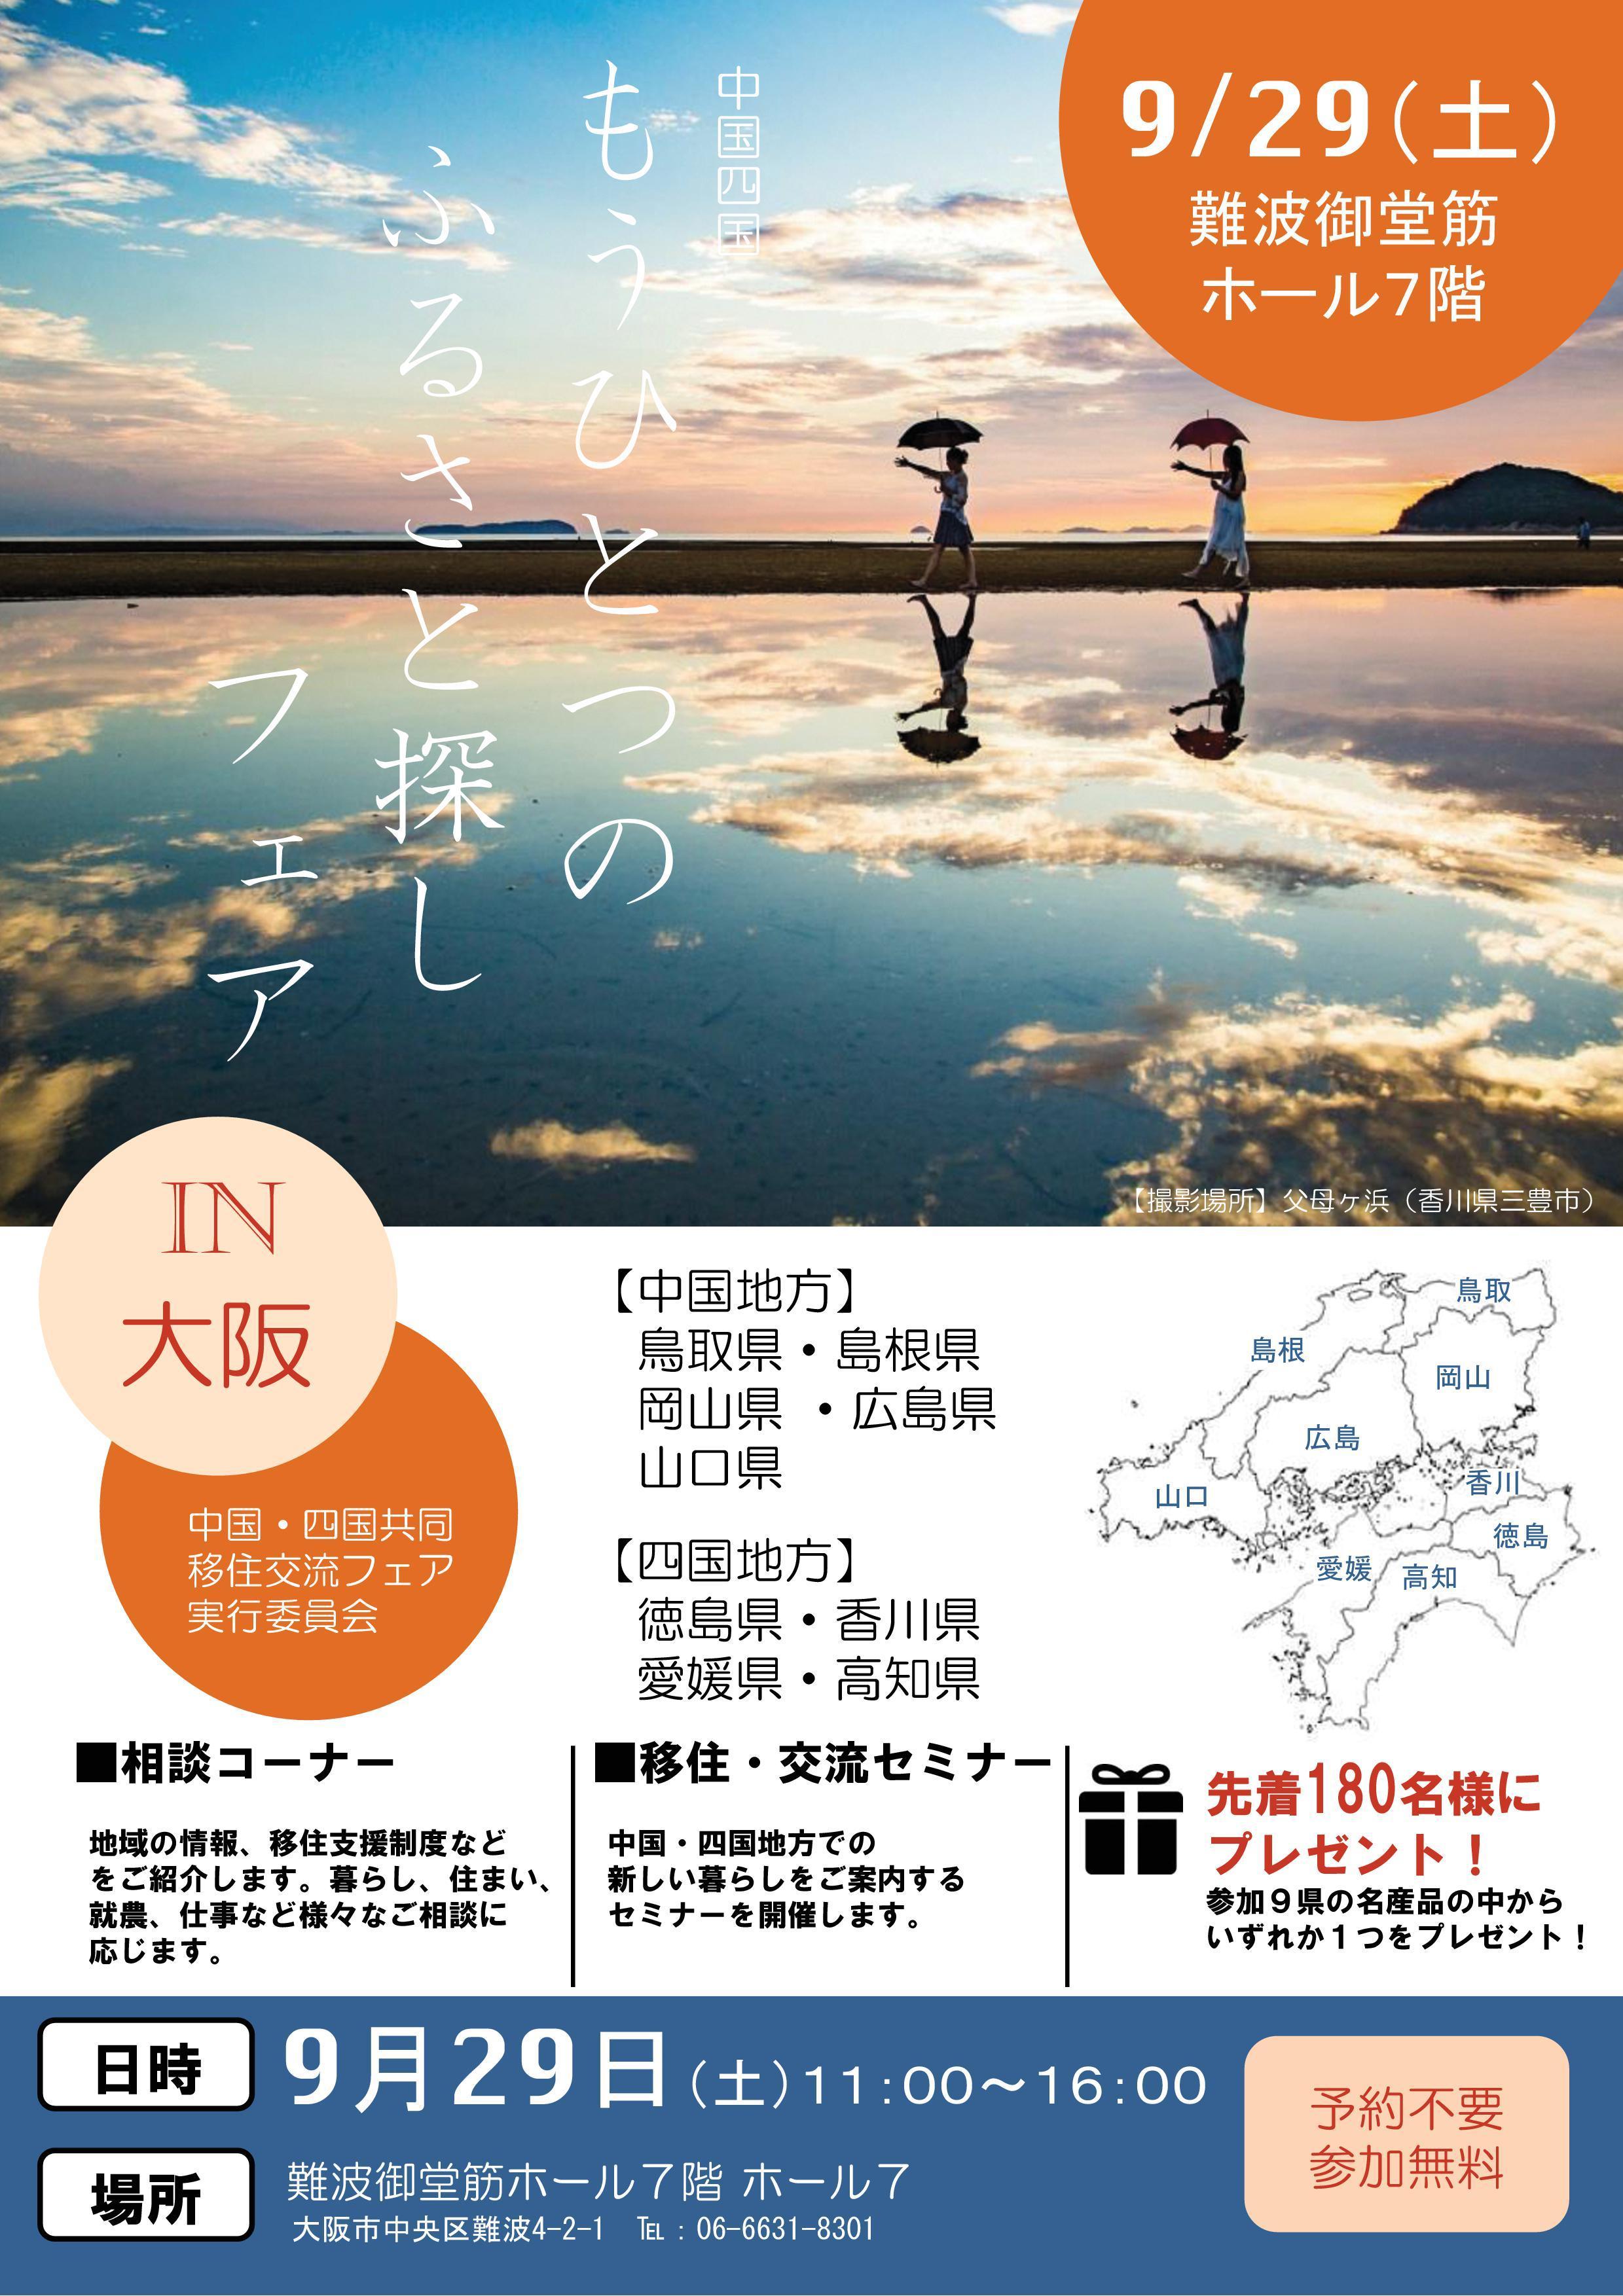 2018年9月29日(土)開催 中国四国もうひとつのふるさと探しフェアに津山広域事務組合も参加します